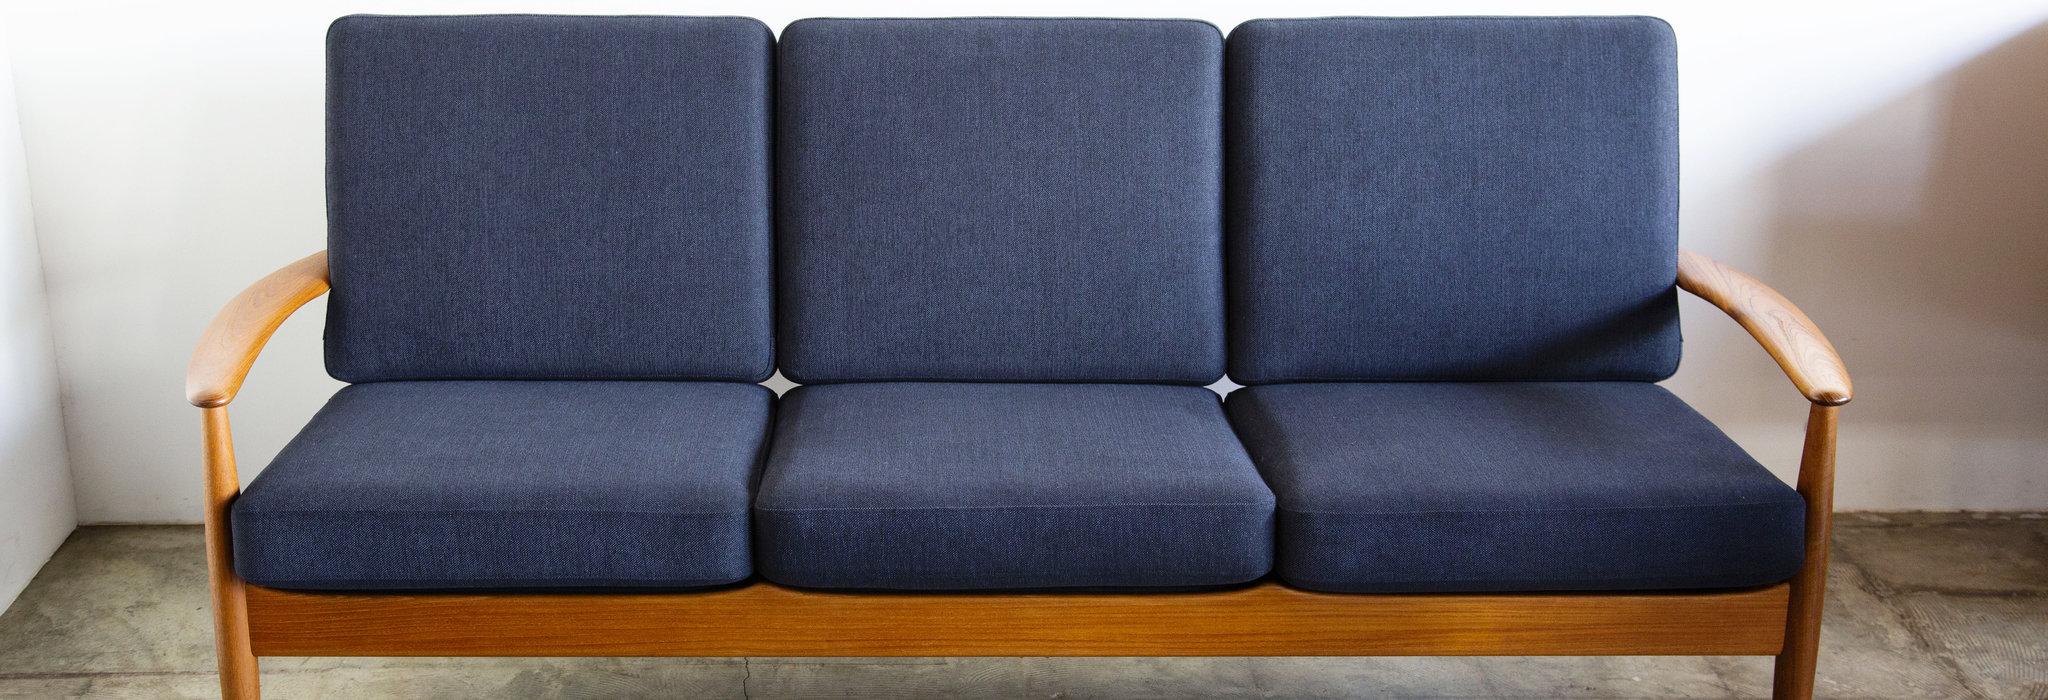 失われゆくモノを未来へ託す。「NO NAME PARISH」が、レストアで伝える家具との関わり方。_image